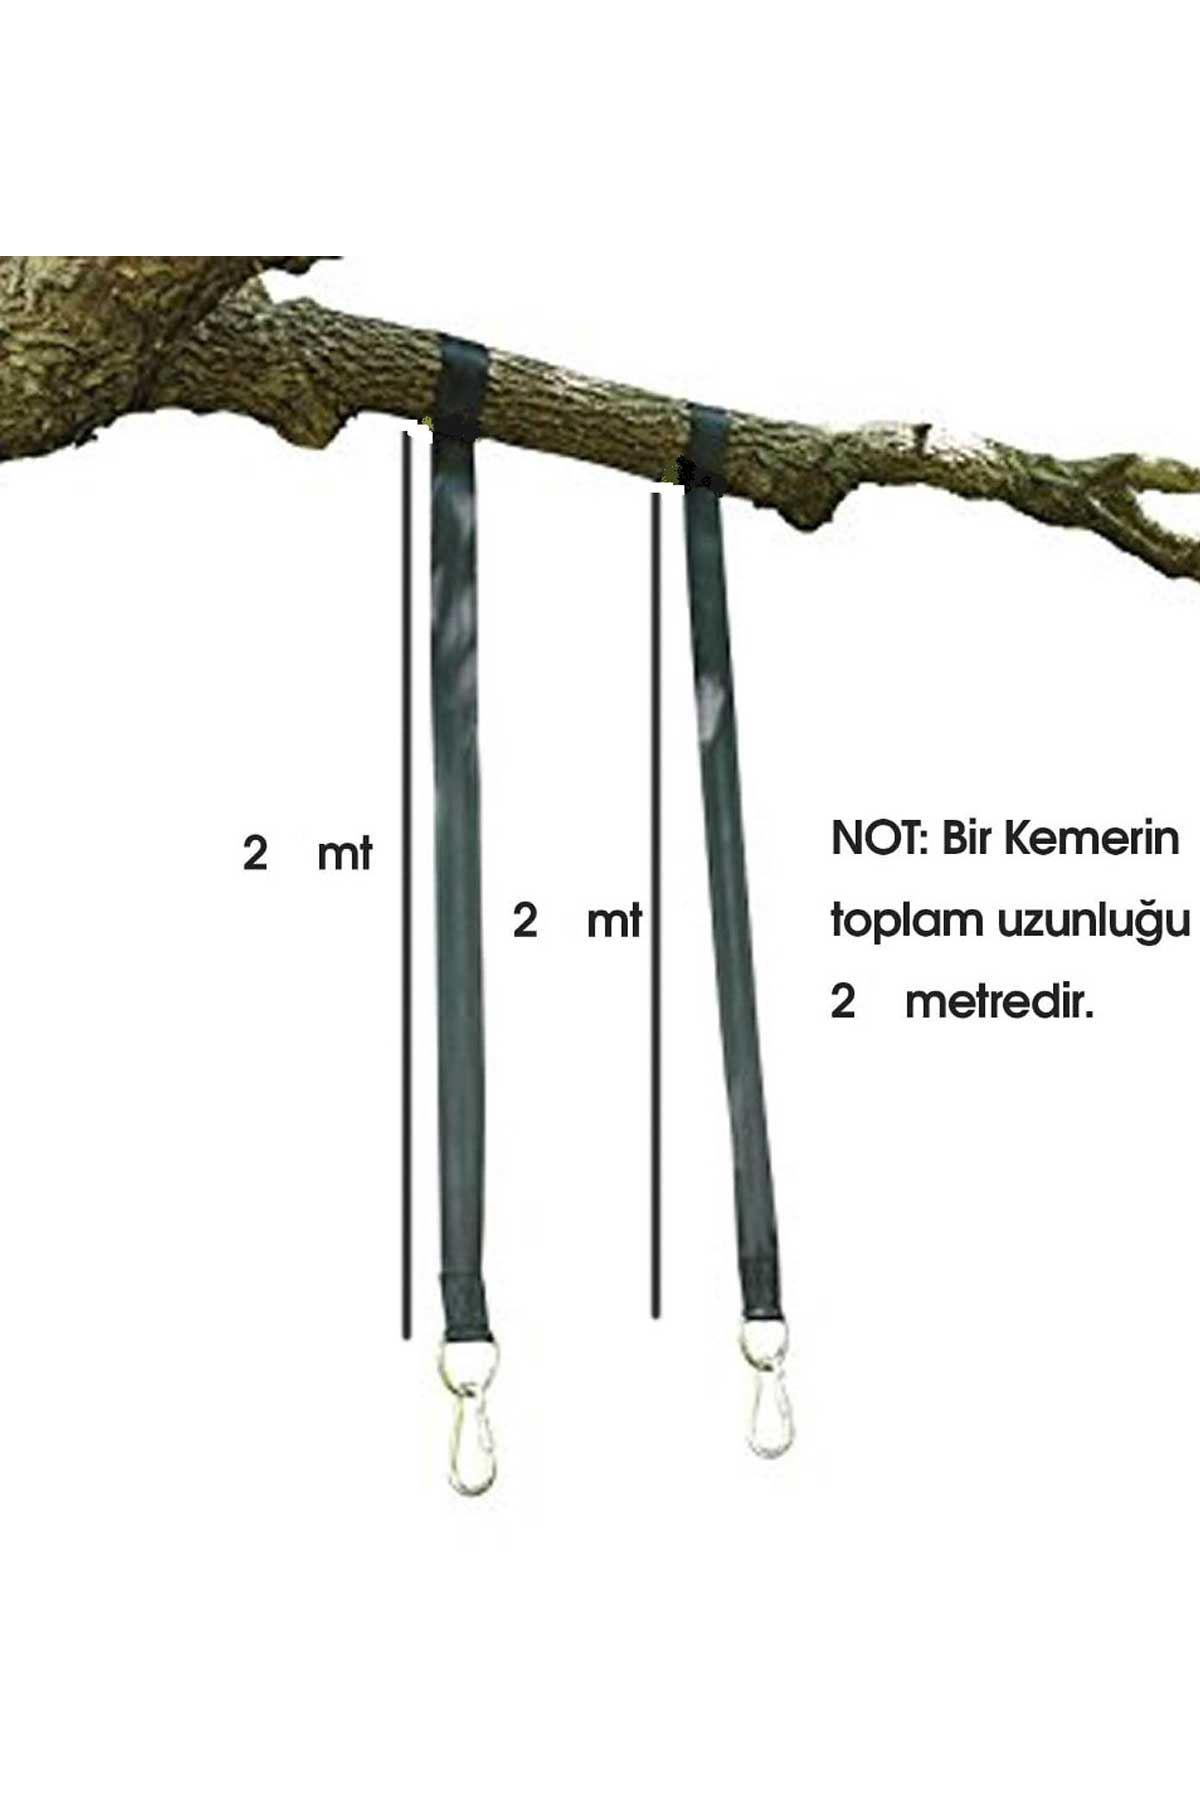 Siyah Bundera Rope Hamak Salıncak Taşıyıcı Asma Kemeri